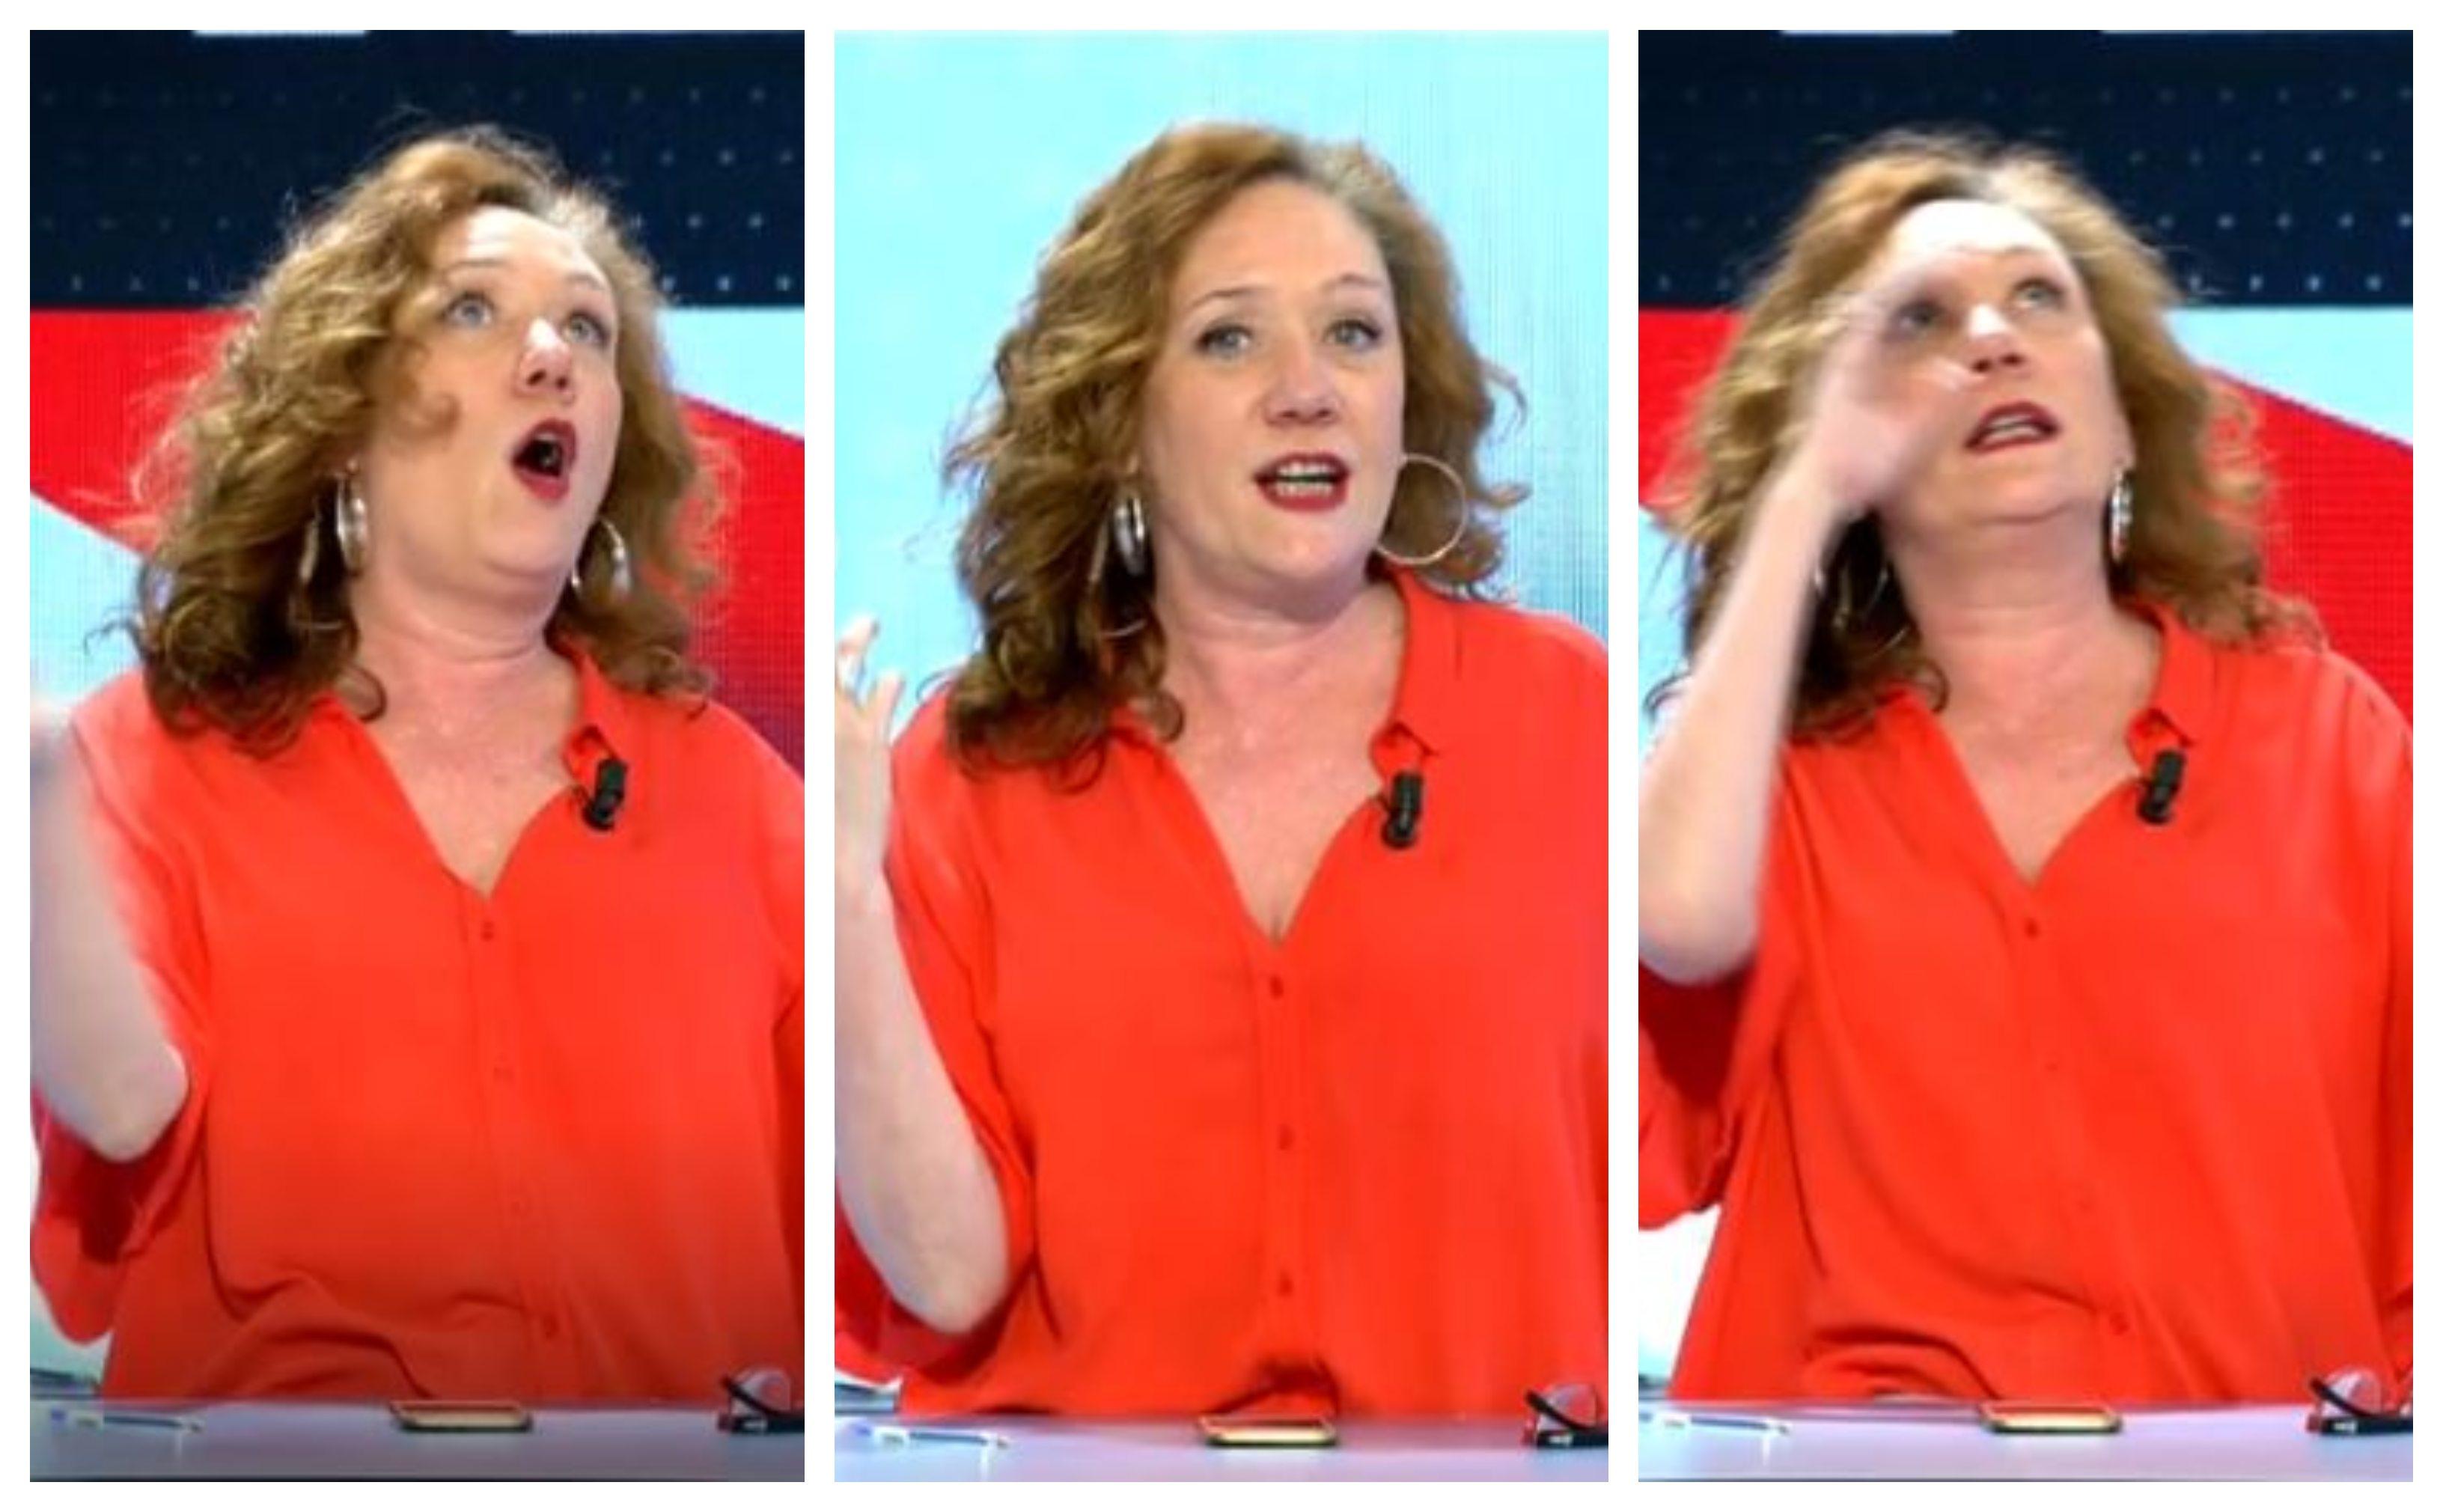 Las siniestras contradicciones de Fallarás: llora cuando VOX utiliza una imagen suya mientras aplaude que Podemos señale a la prensa